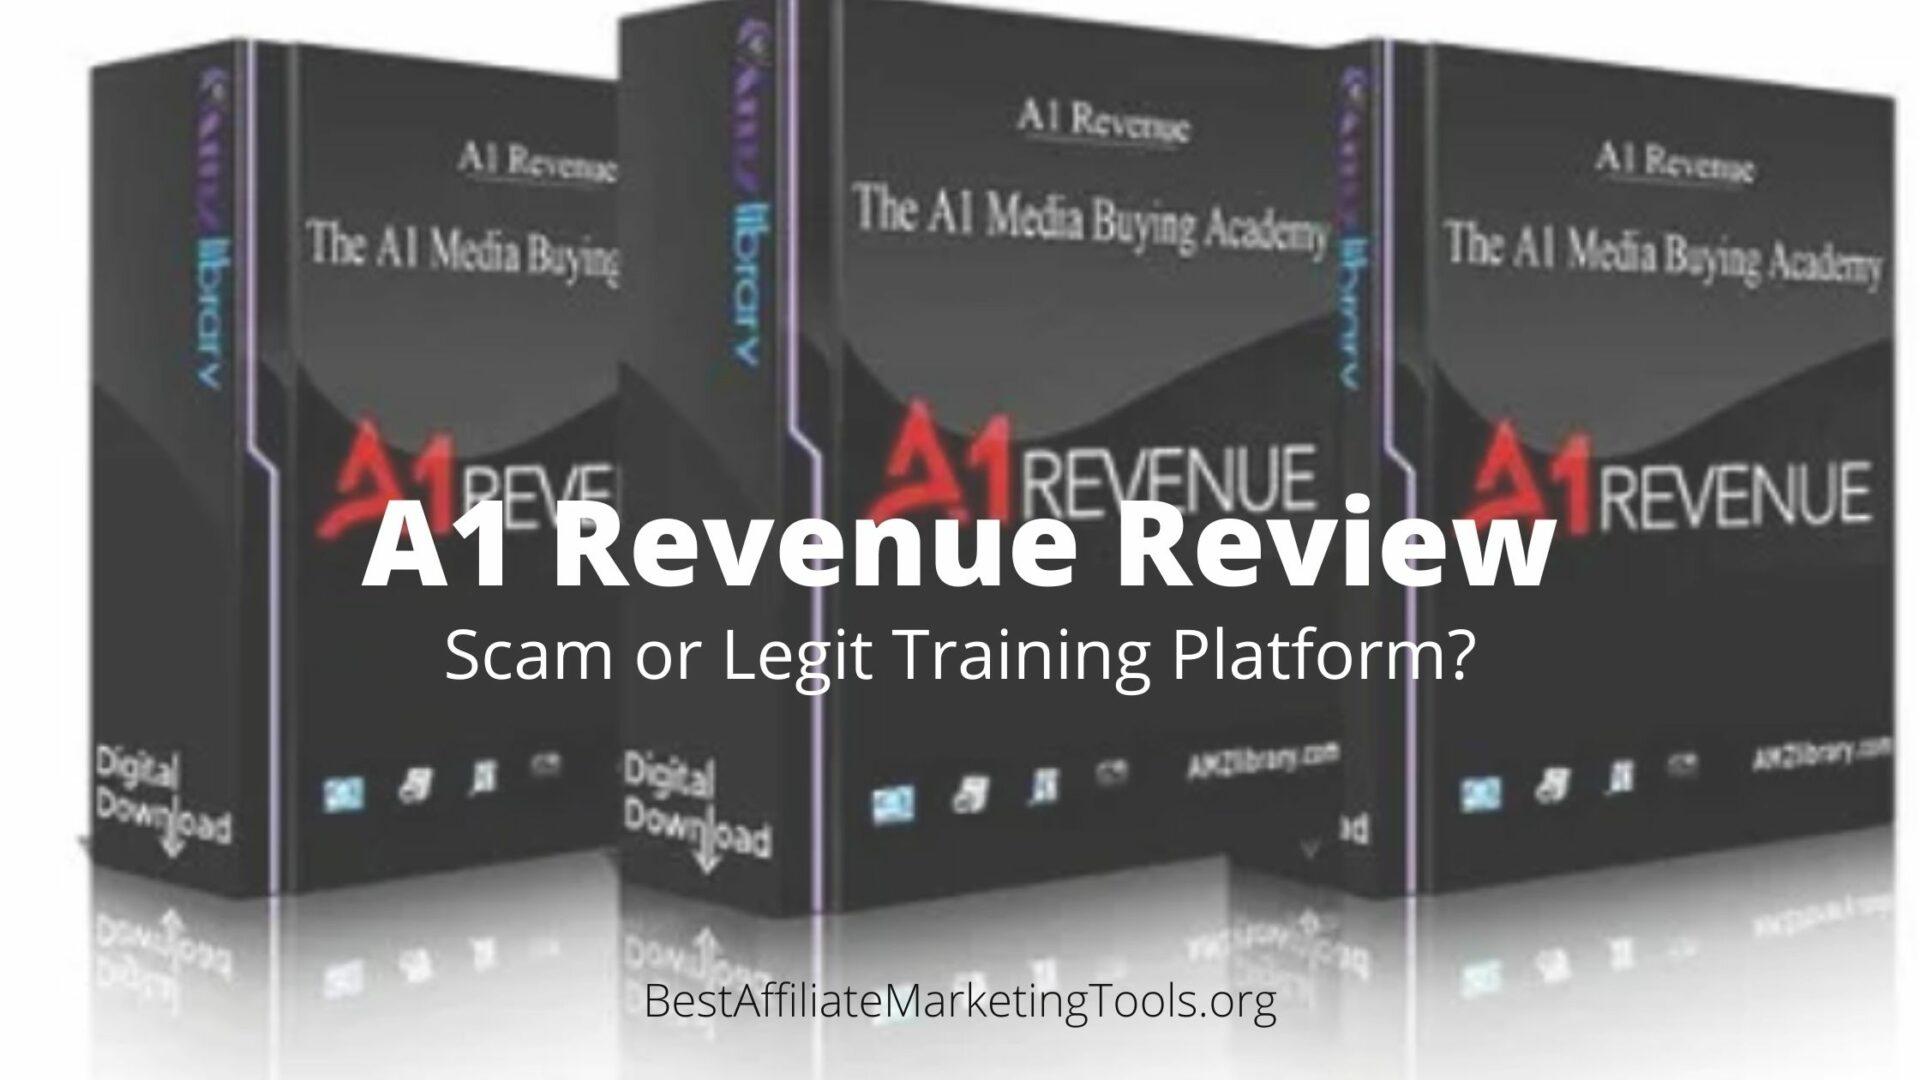 A1 Revenue Review